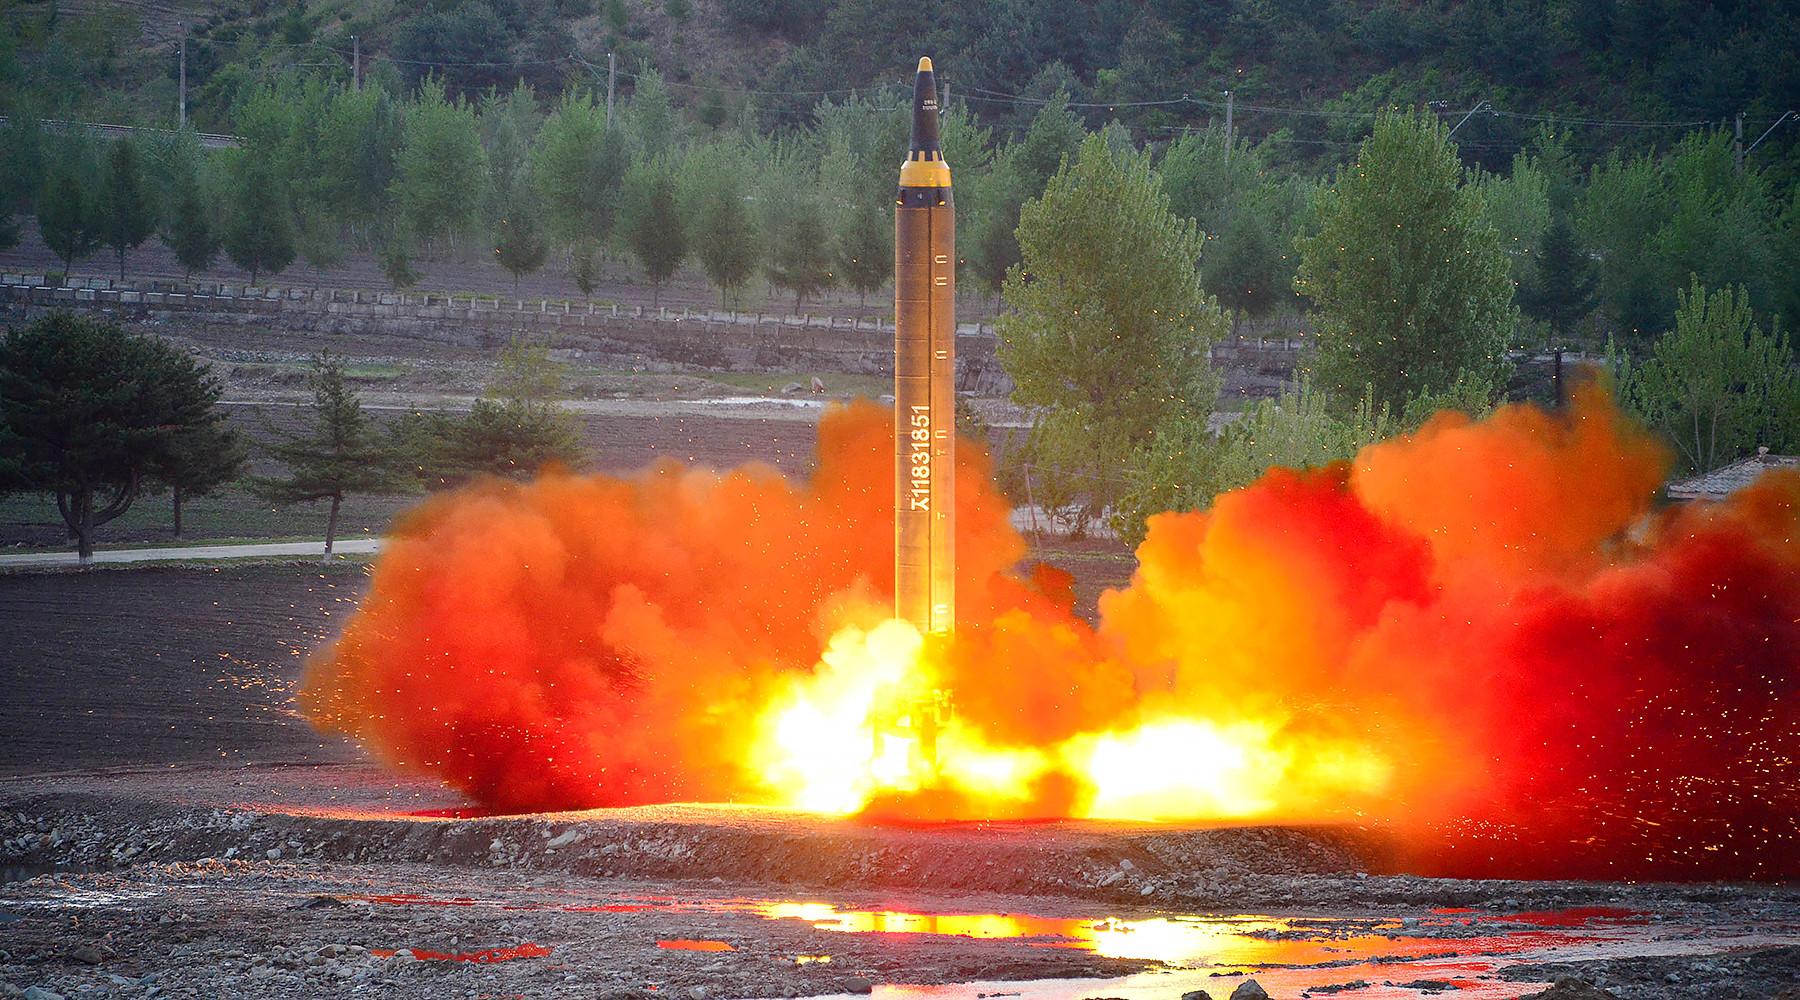 Госдеп в курсе: Вашингтон серьёзно относится к сообщениям о поставке украинских двигателей в КНДР